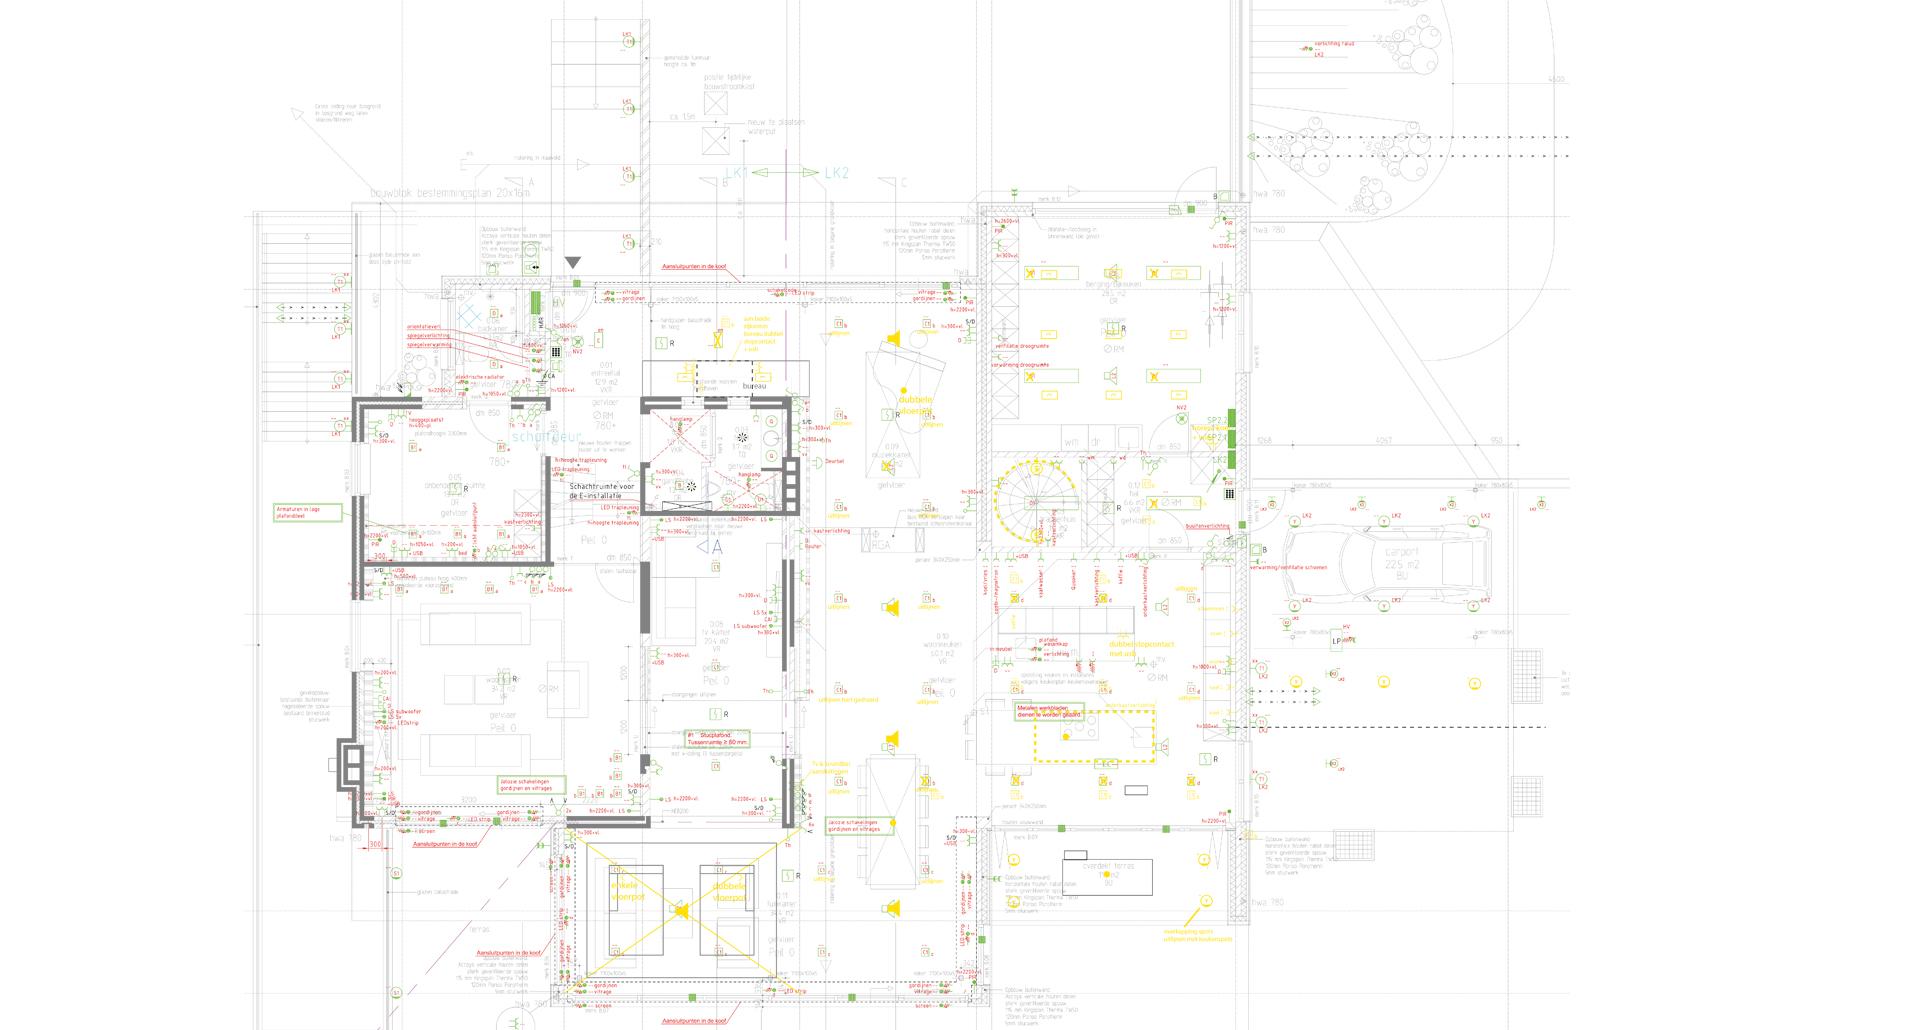 bouwtekening lichtadvies lichtberekening lichtplan verlichting maatwerk